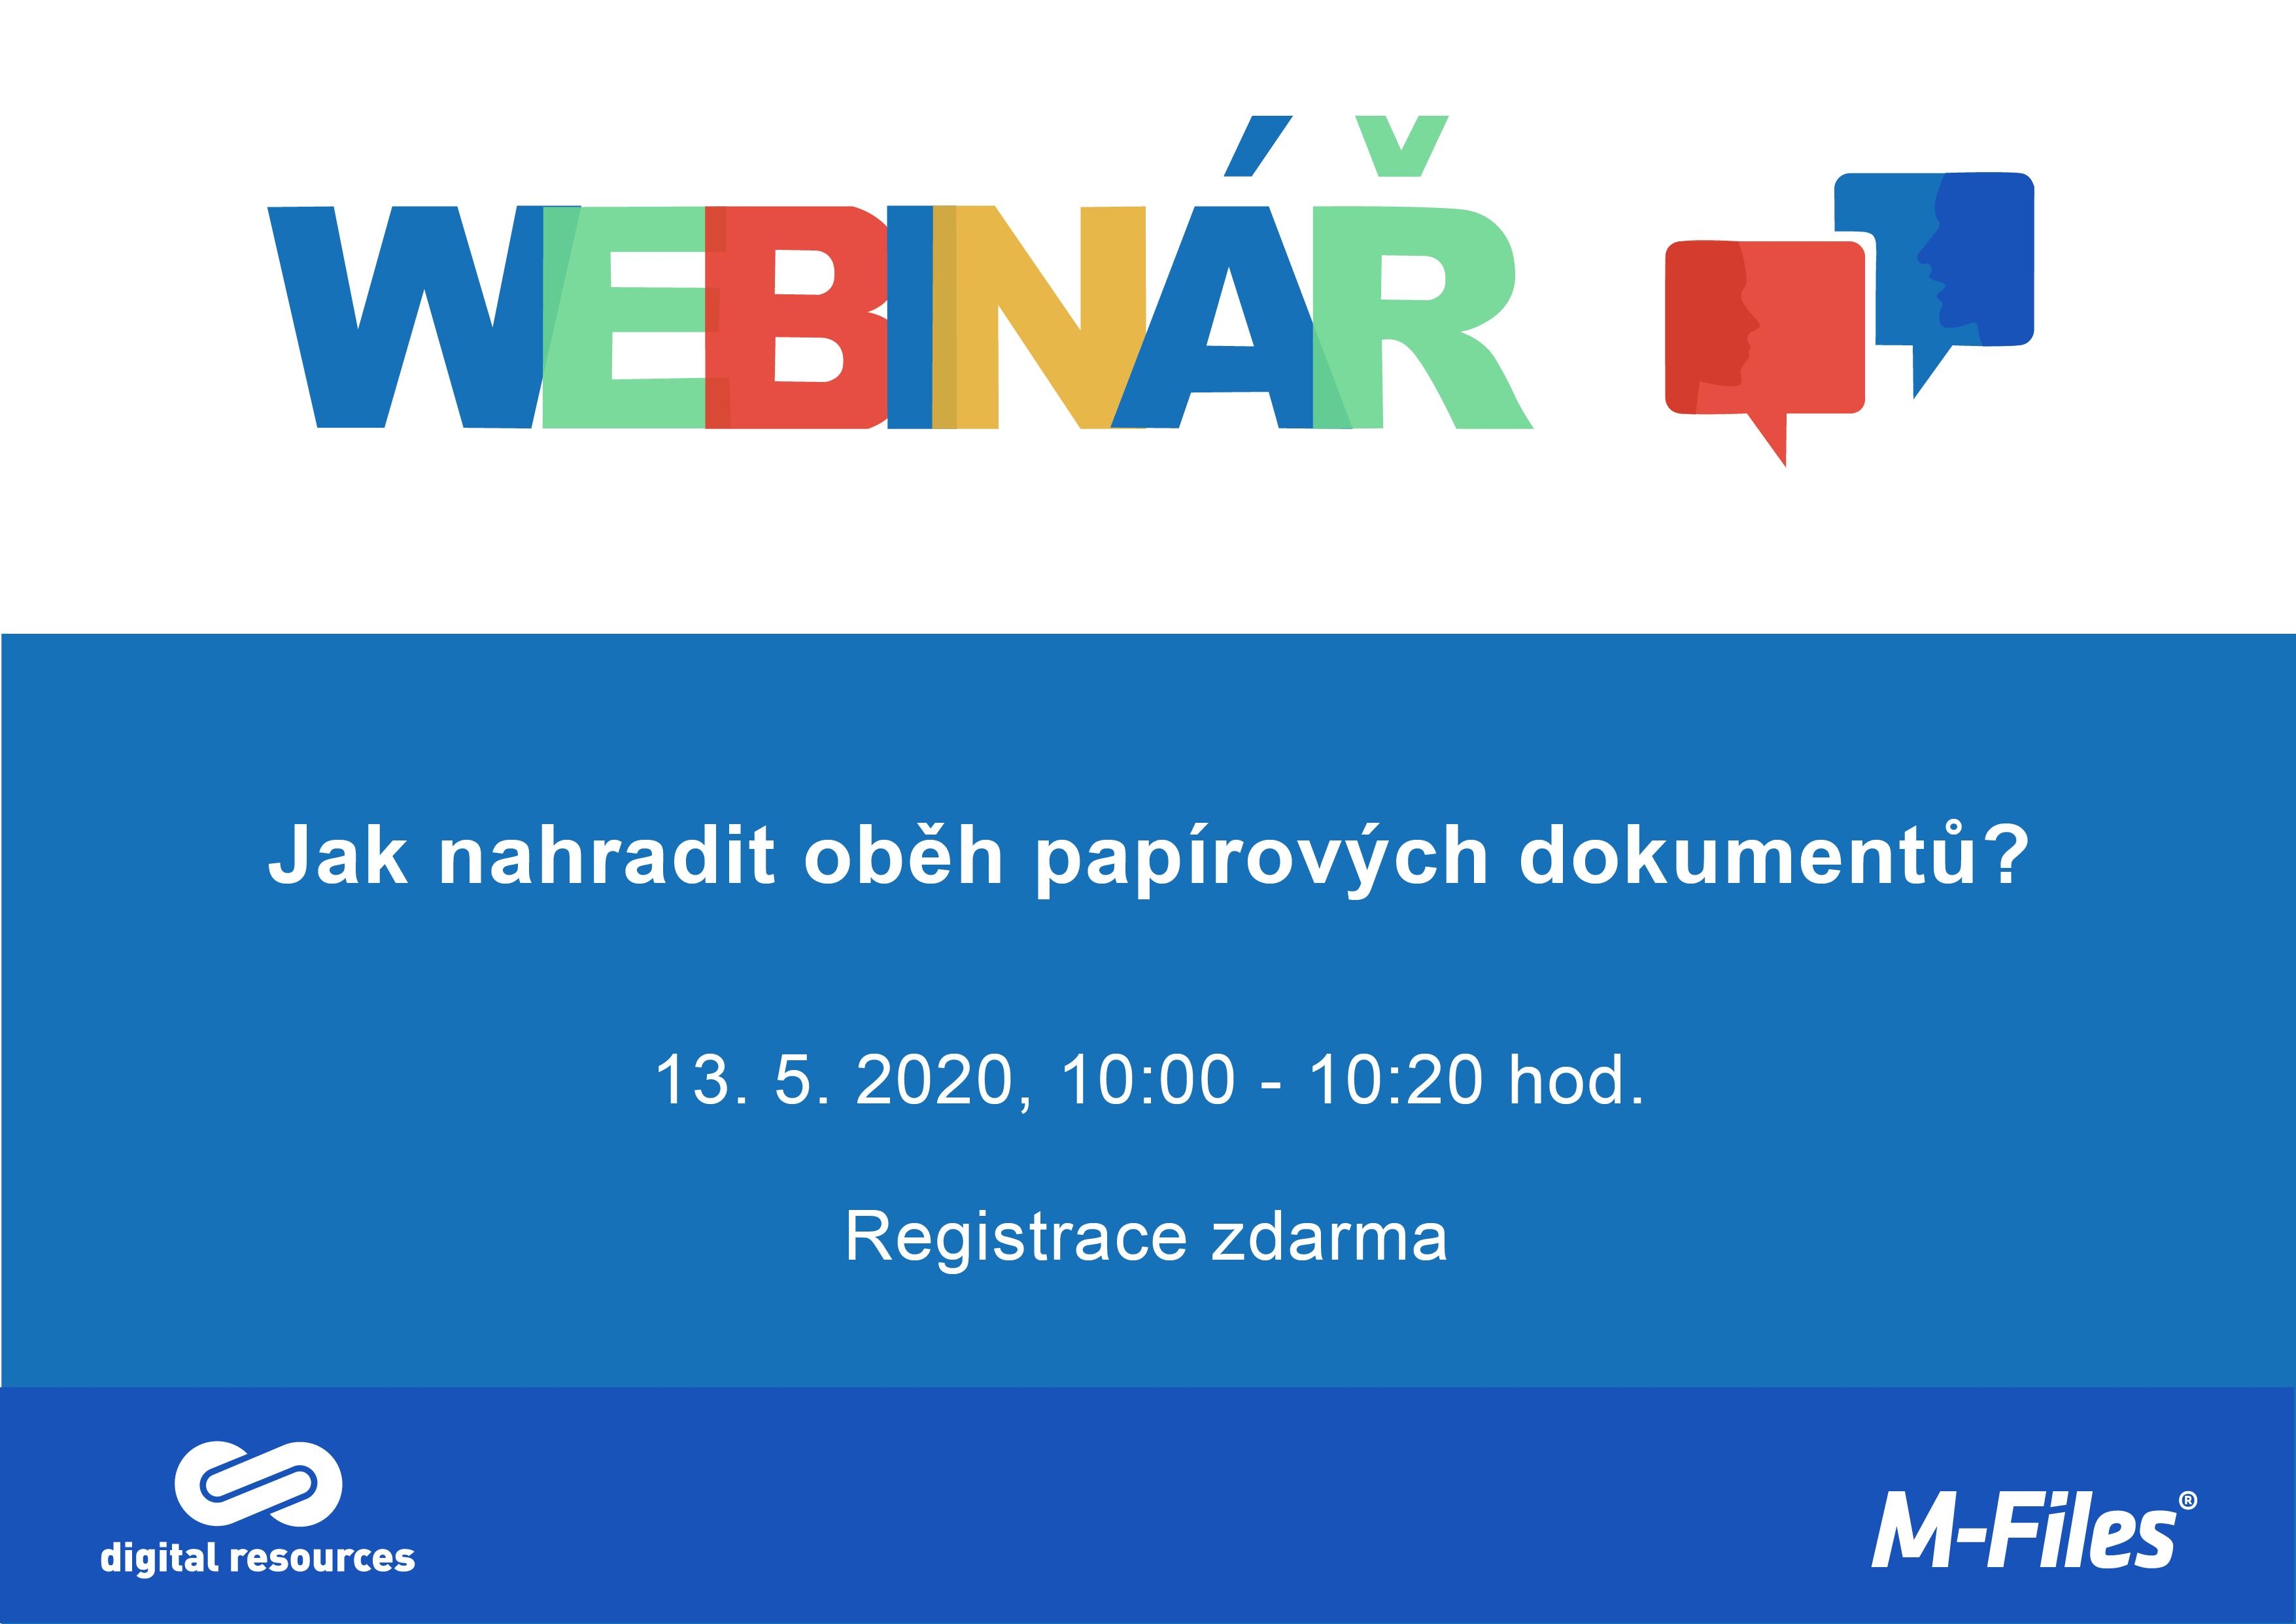 Webinar 13. 5. 2020